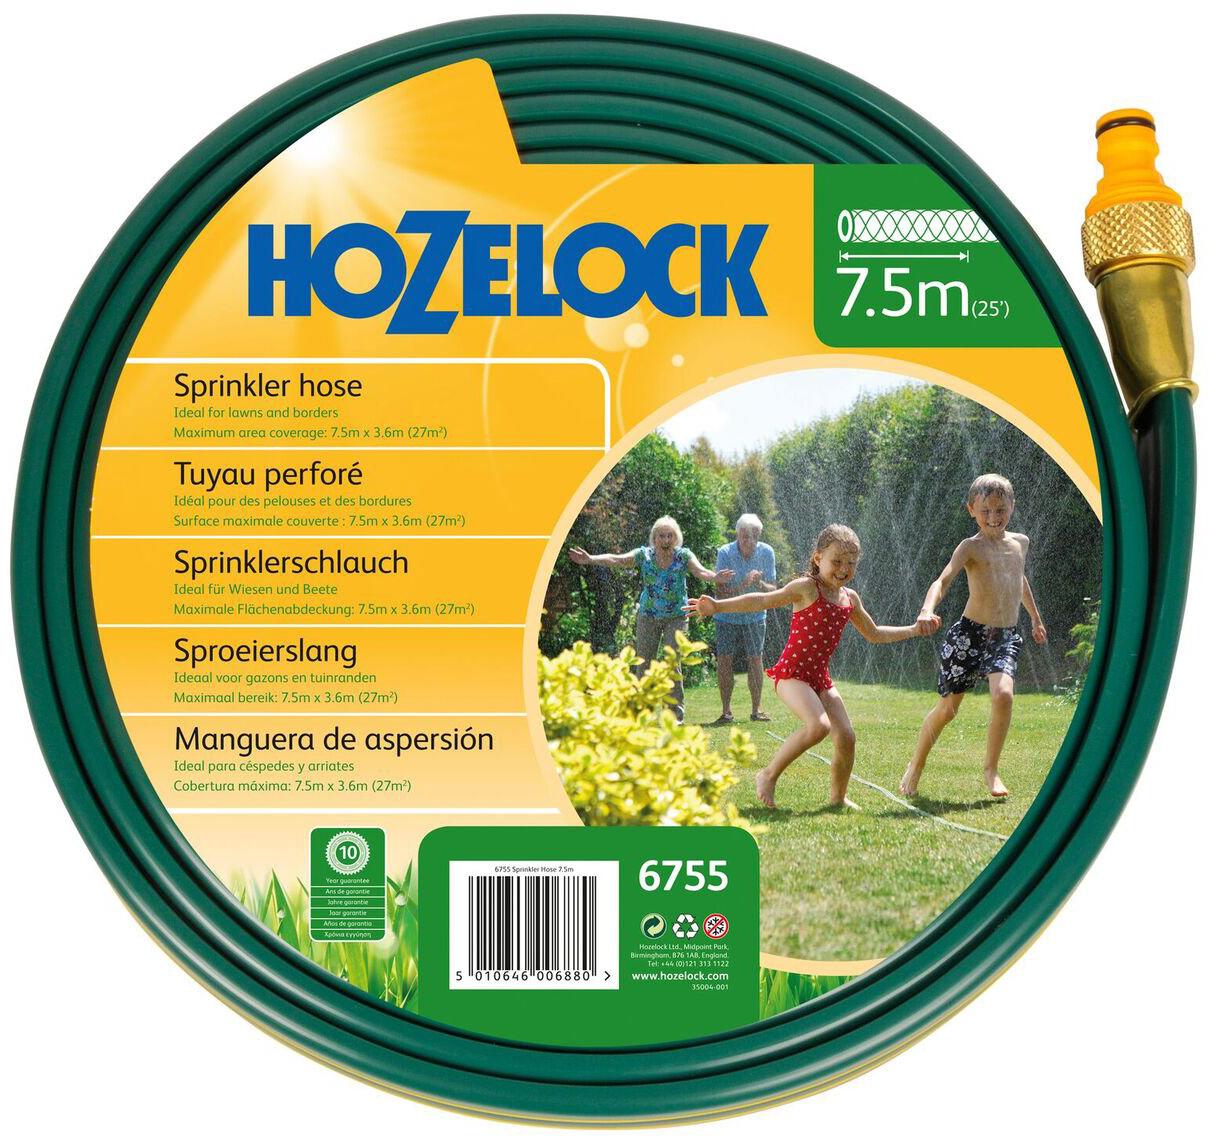 Шланг HoZelock, разбрызгивающий для полива 7,5 м шланги для систем полива